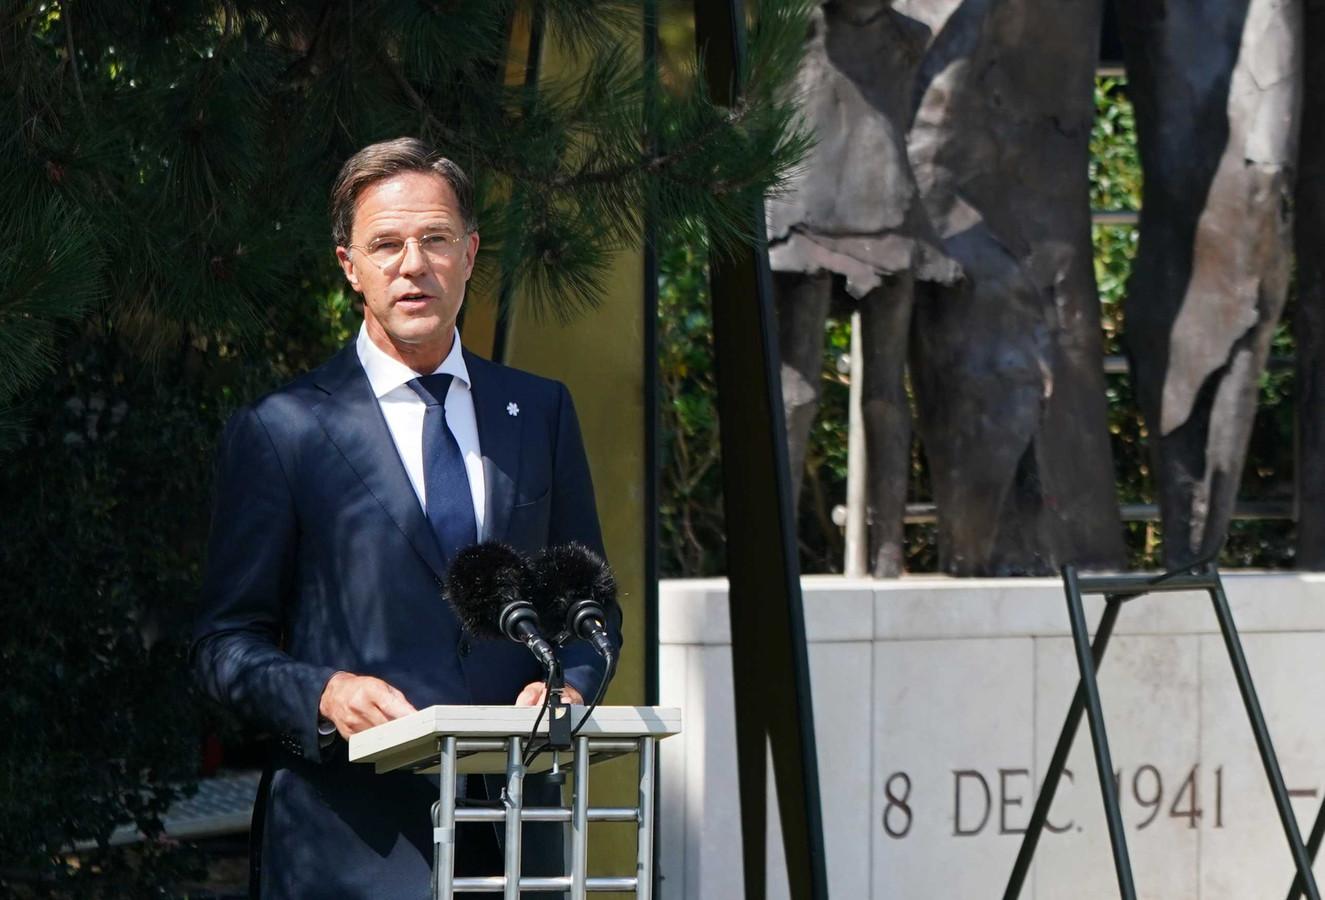 Premier Mark Rutte hield vandaag een - zeer persoonlijke - toespraak bij het Indisch Monument tijdens de nationale herdenking van het einde van de Tweede Wereldoorlog in voormalig Nederlands-Indie.